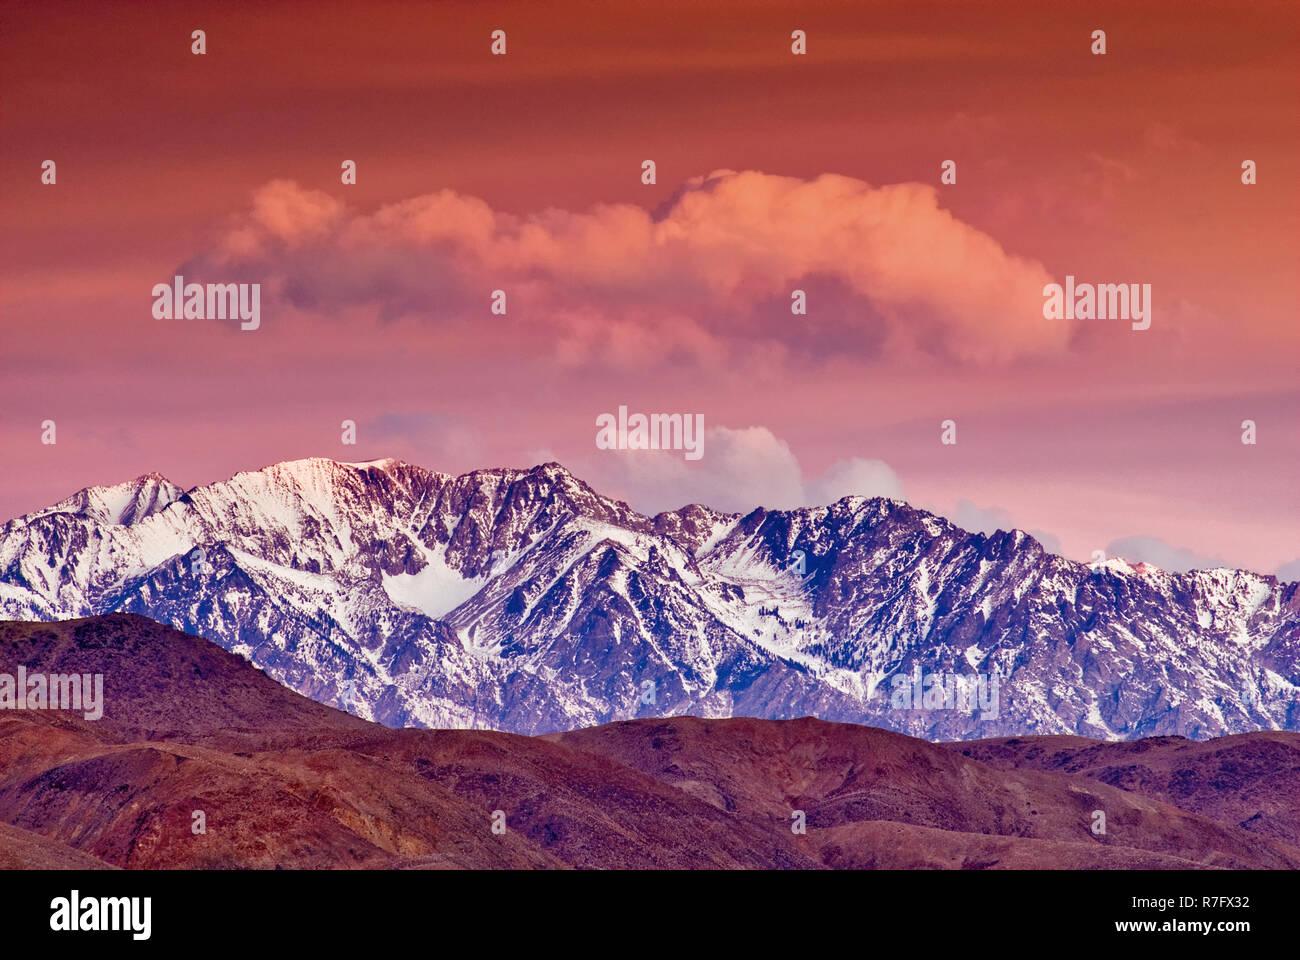 Alpenglow Phänomen vor Sonnenaufgang über der östlichen Sierra Nevada, Alabama Hills im Vordergrund, im Winter in der Nähe von Lone Pine, Kalifornien, USA Stockbild